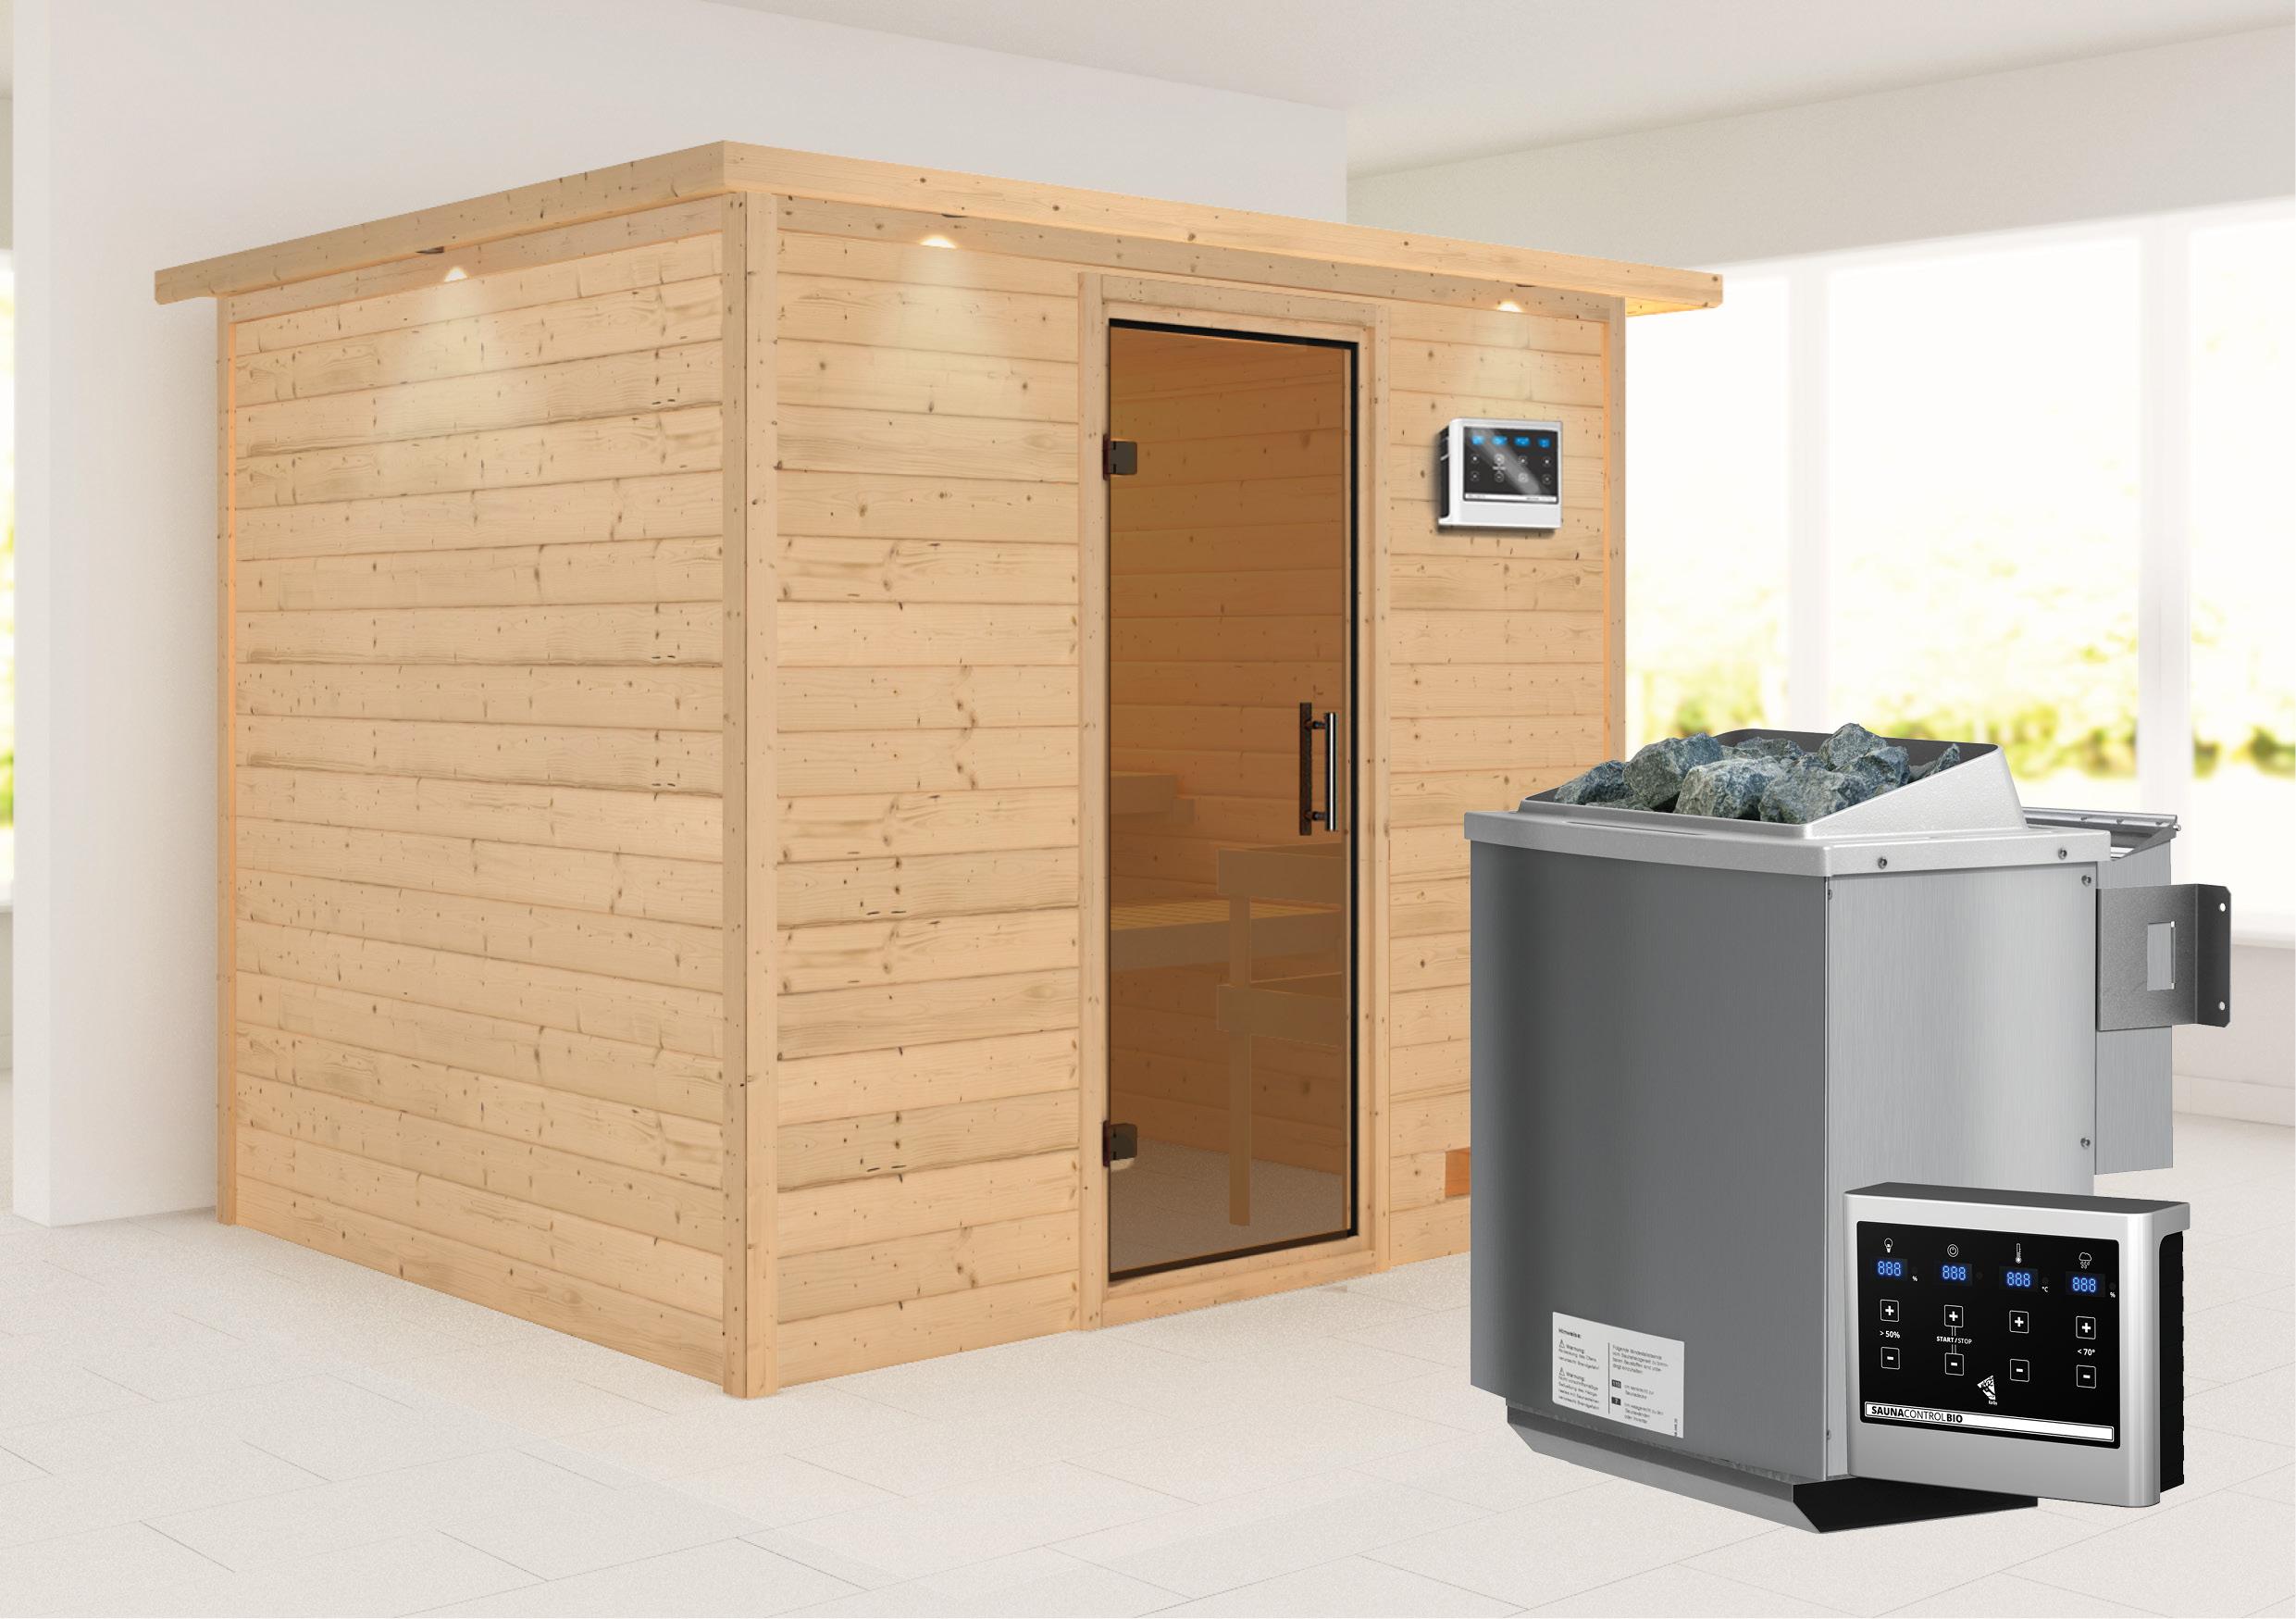 Woodfeeling Sauna Karla 38mm Kranz Ofen Bio 9kW Tür modern Bild 1